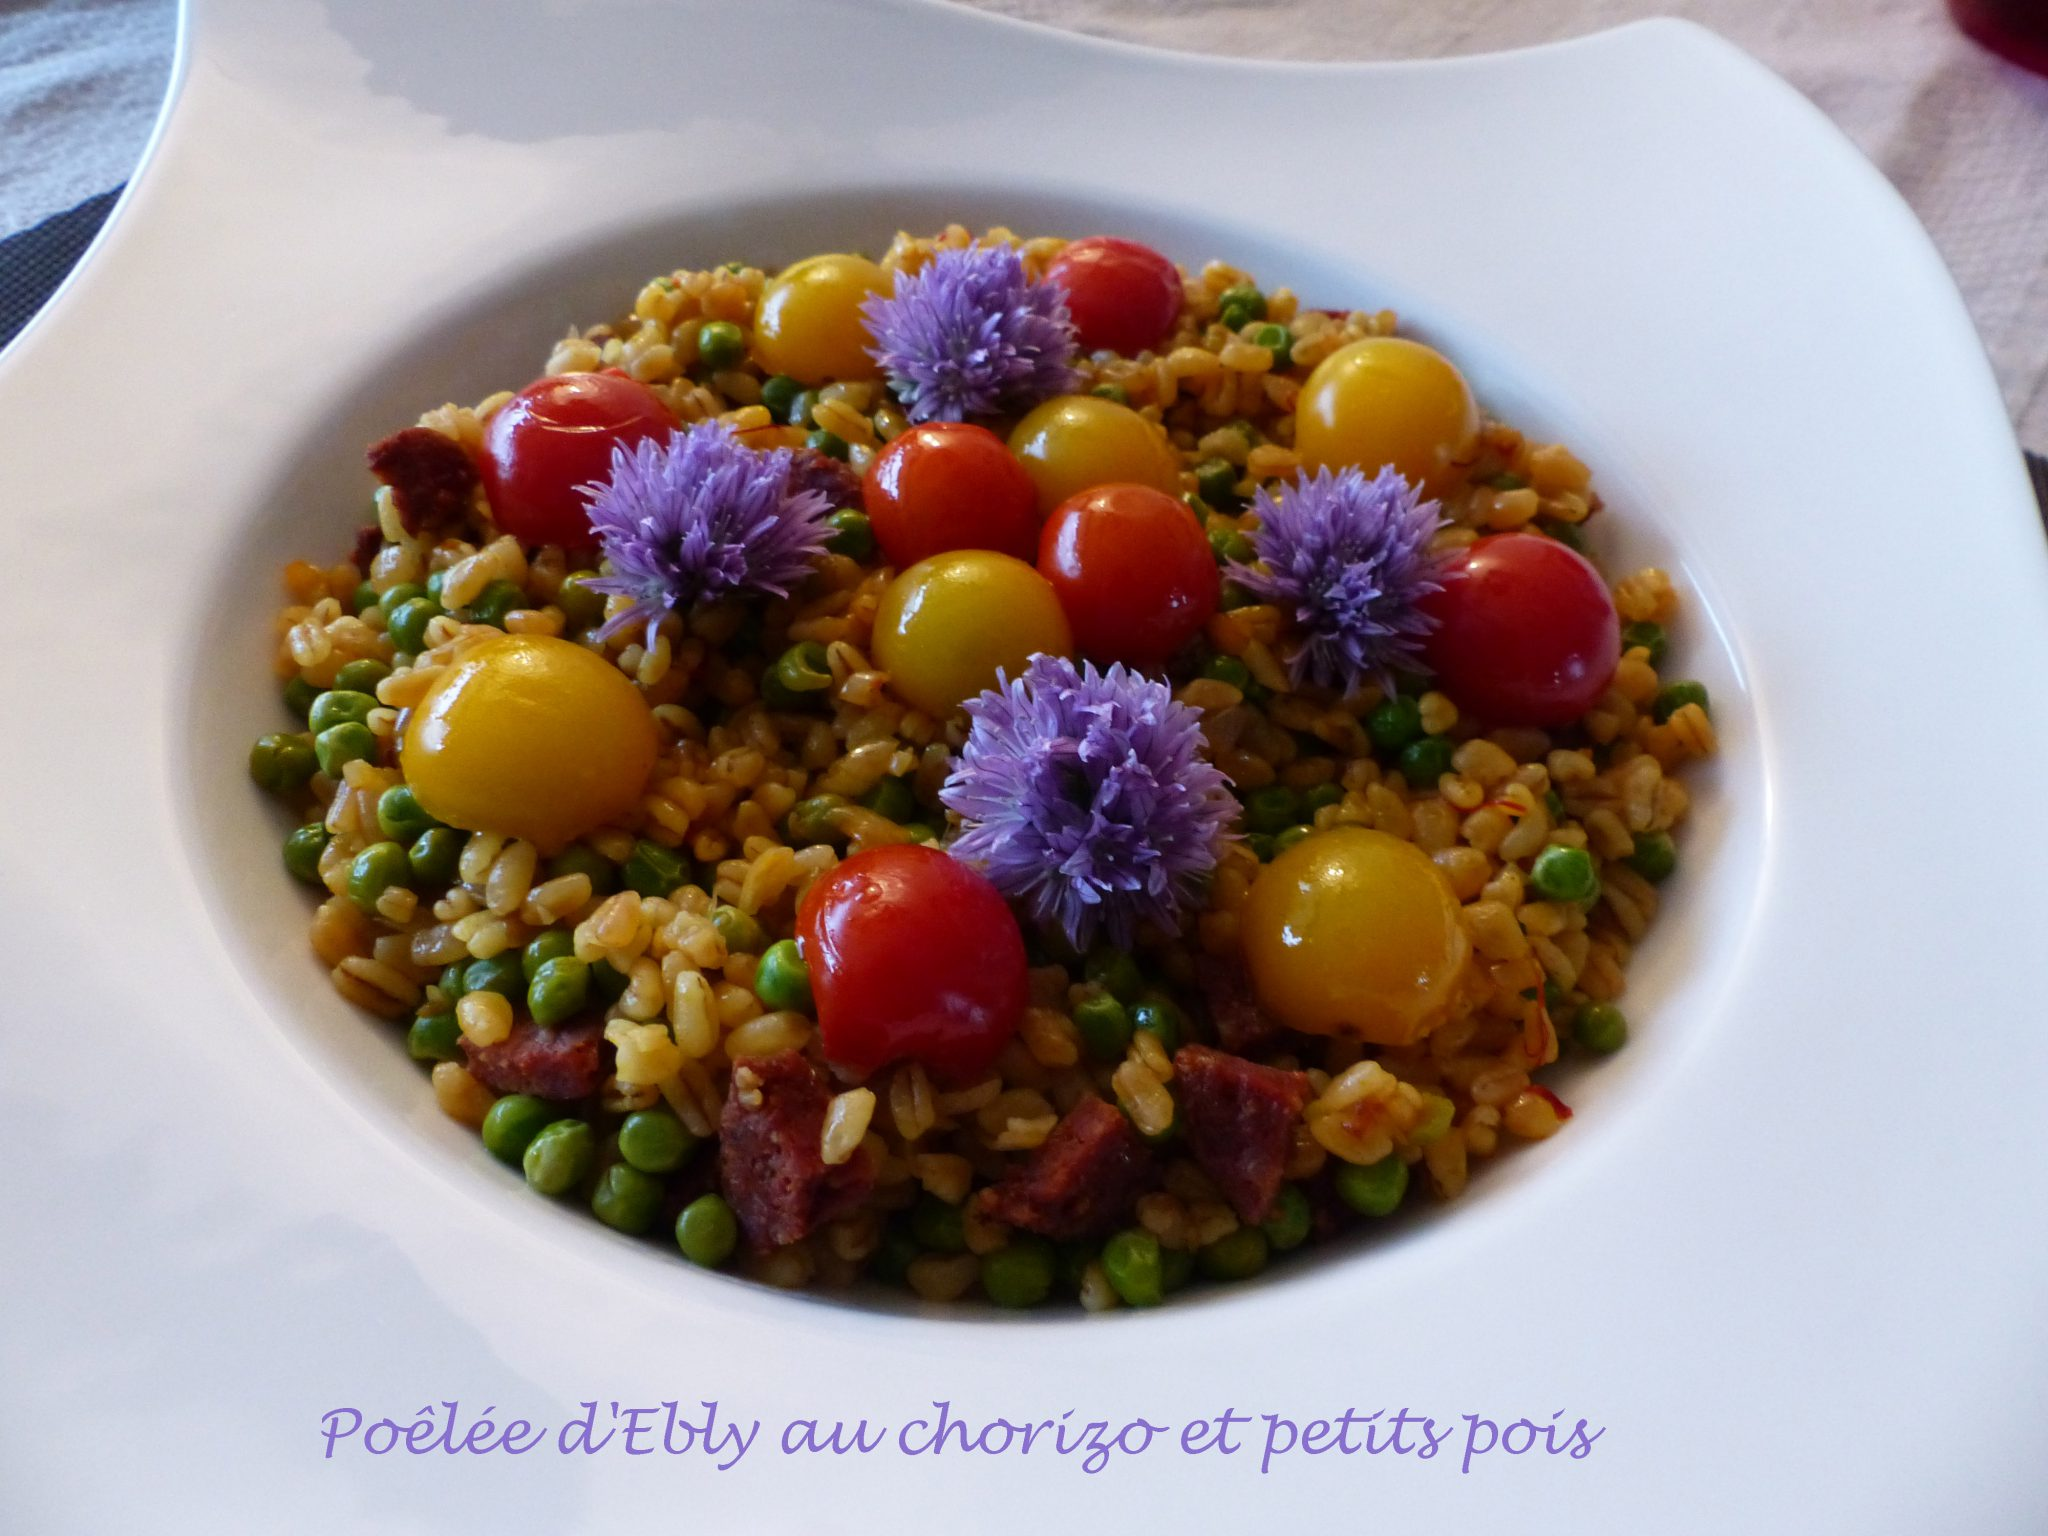 Poêlée d'Ebly au chorizo et petits pois P1100597 R